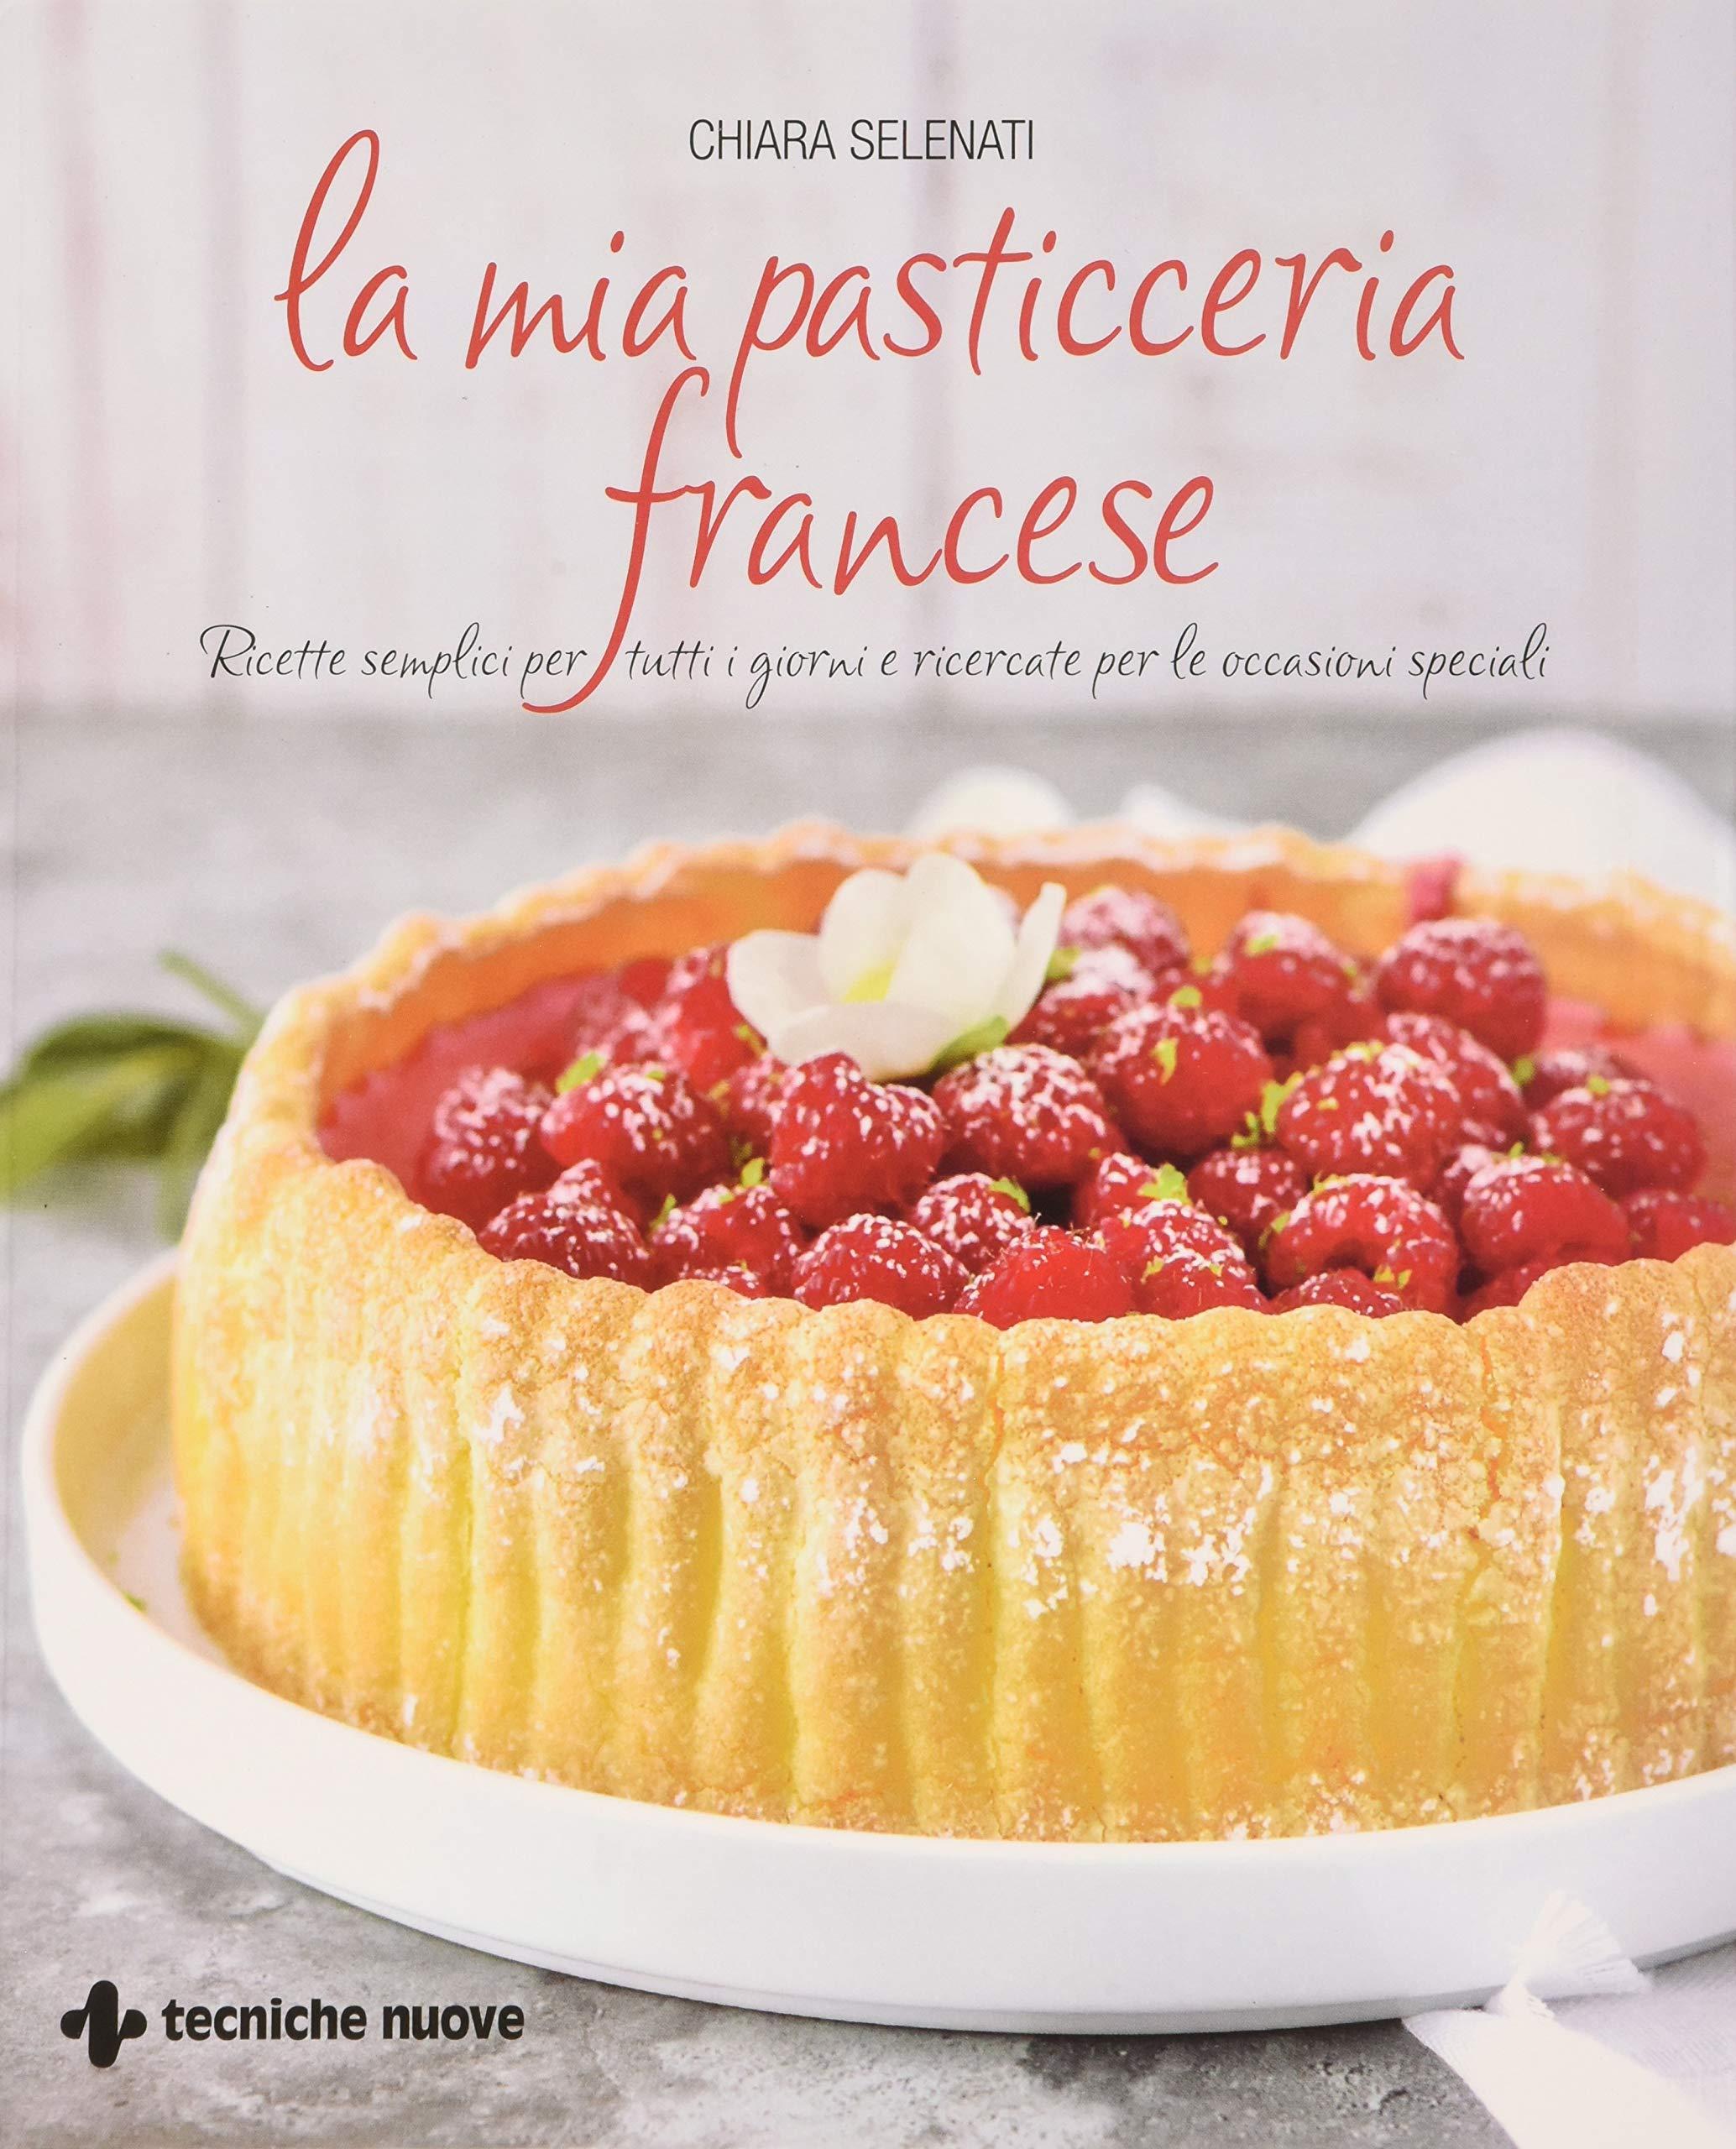 La mia pasticceria francese